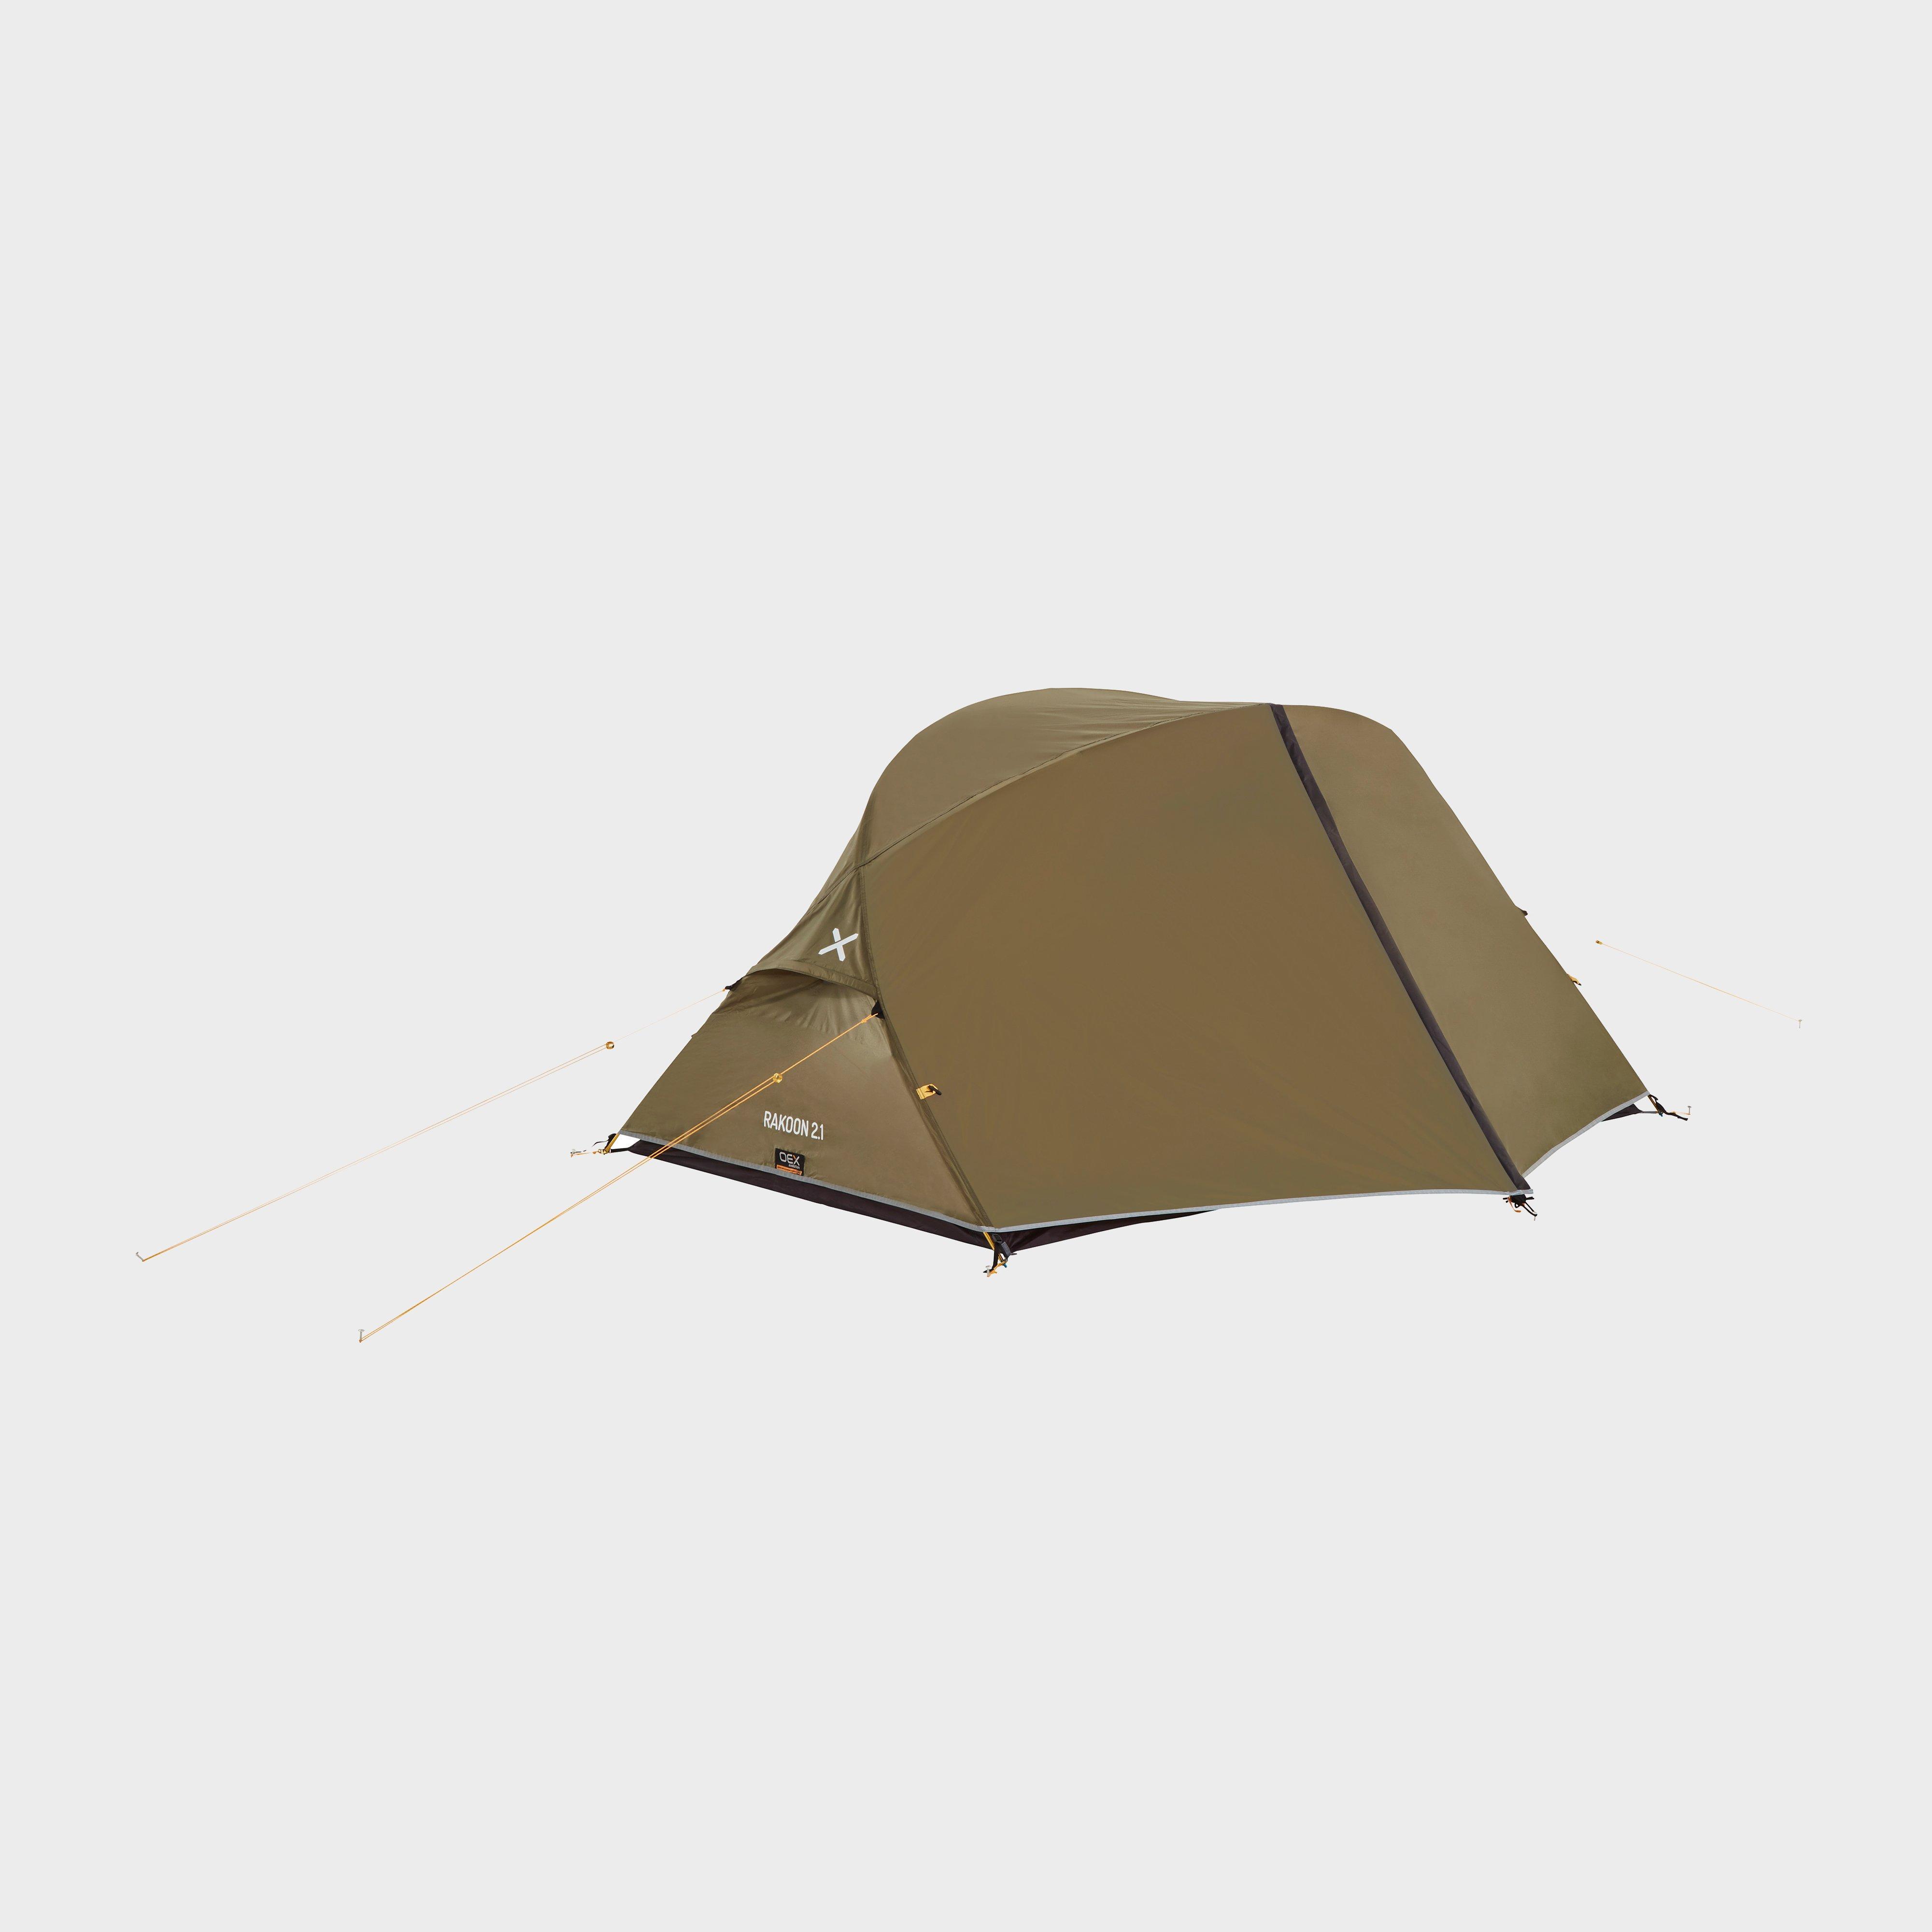 Oex Oex Rakoon 2 Tent, Olive